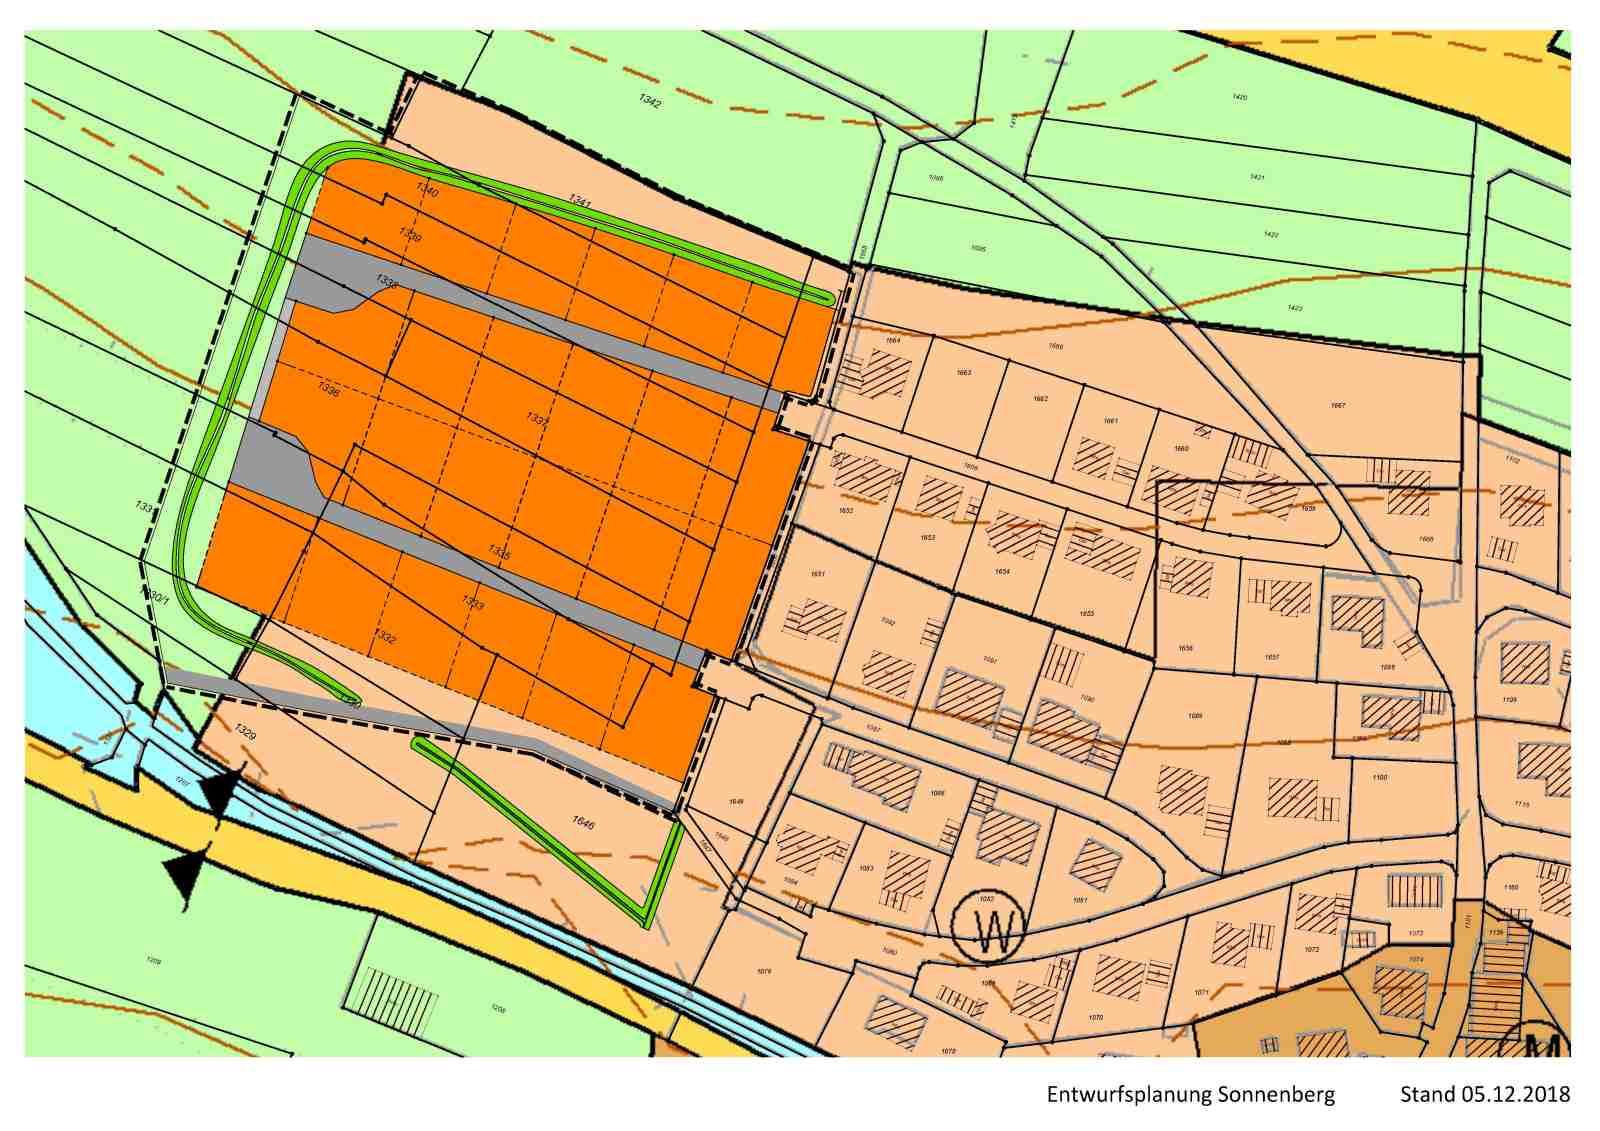 Bild der Planung vom Baugebiet Sonnenberg